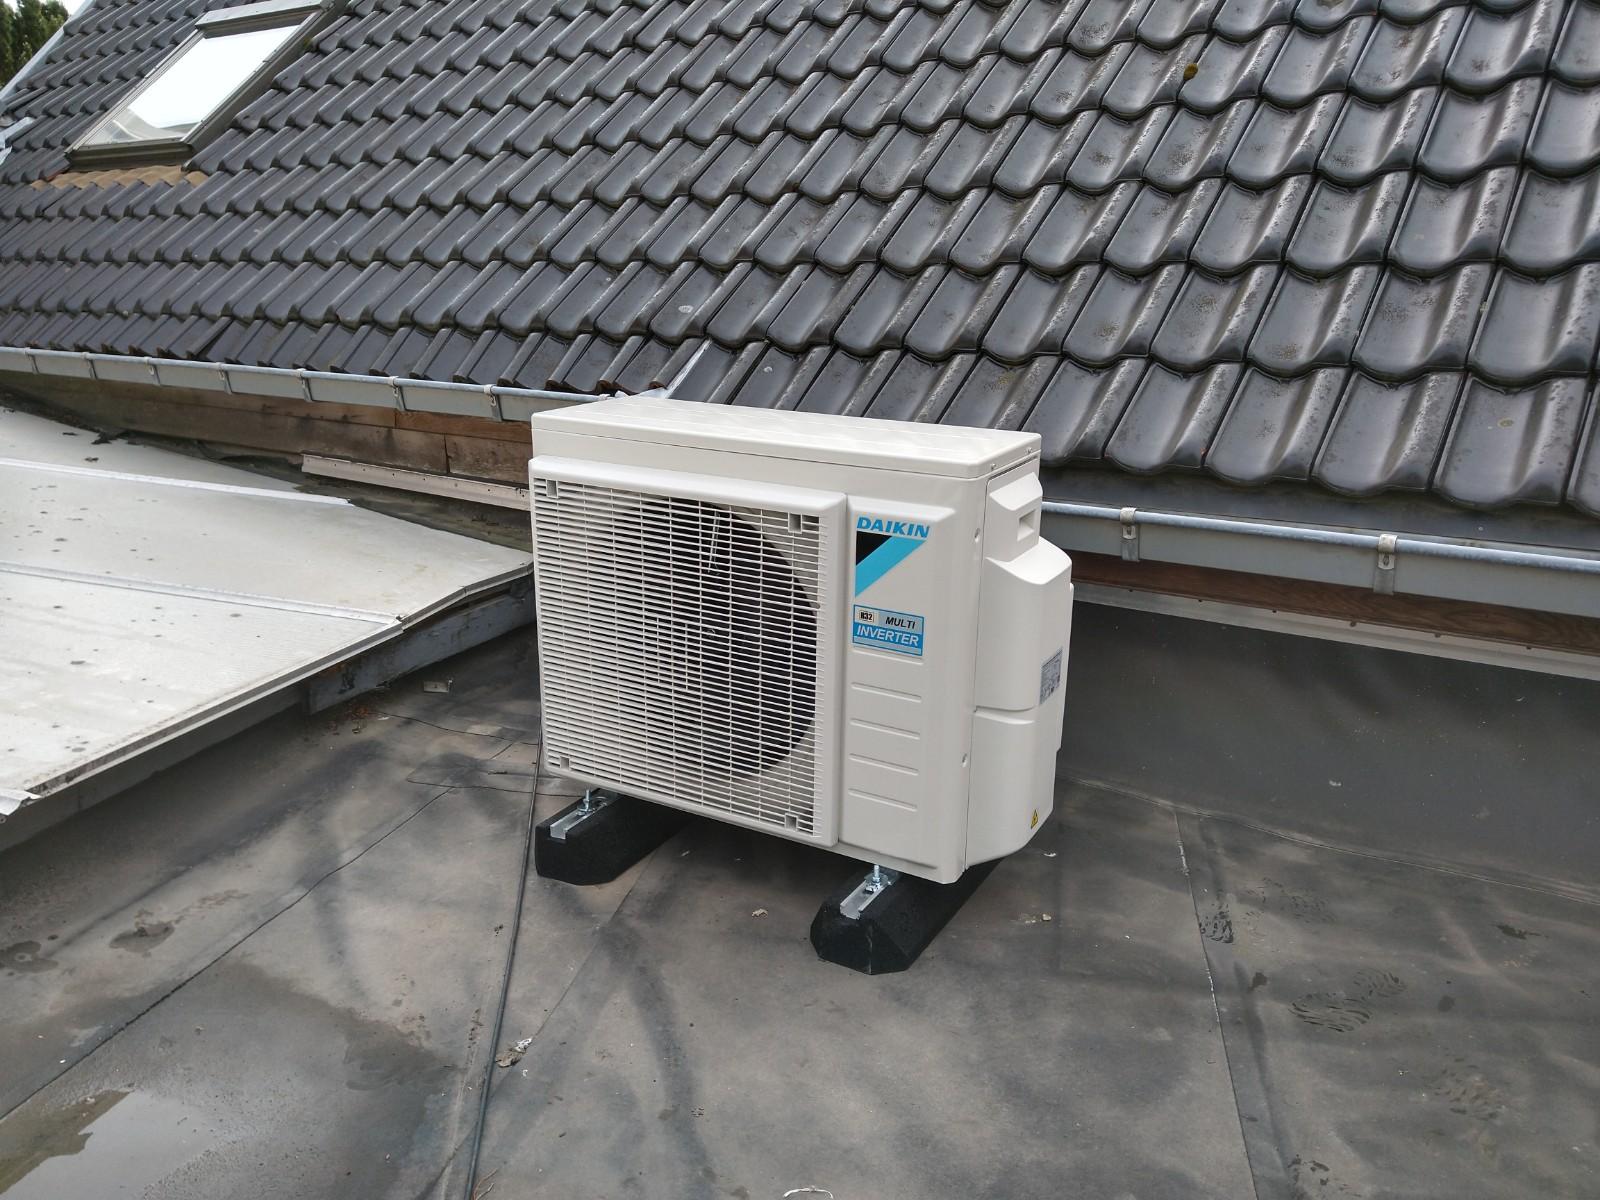 Daikin installatie airco